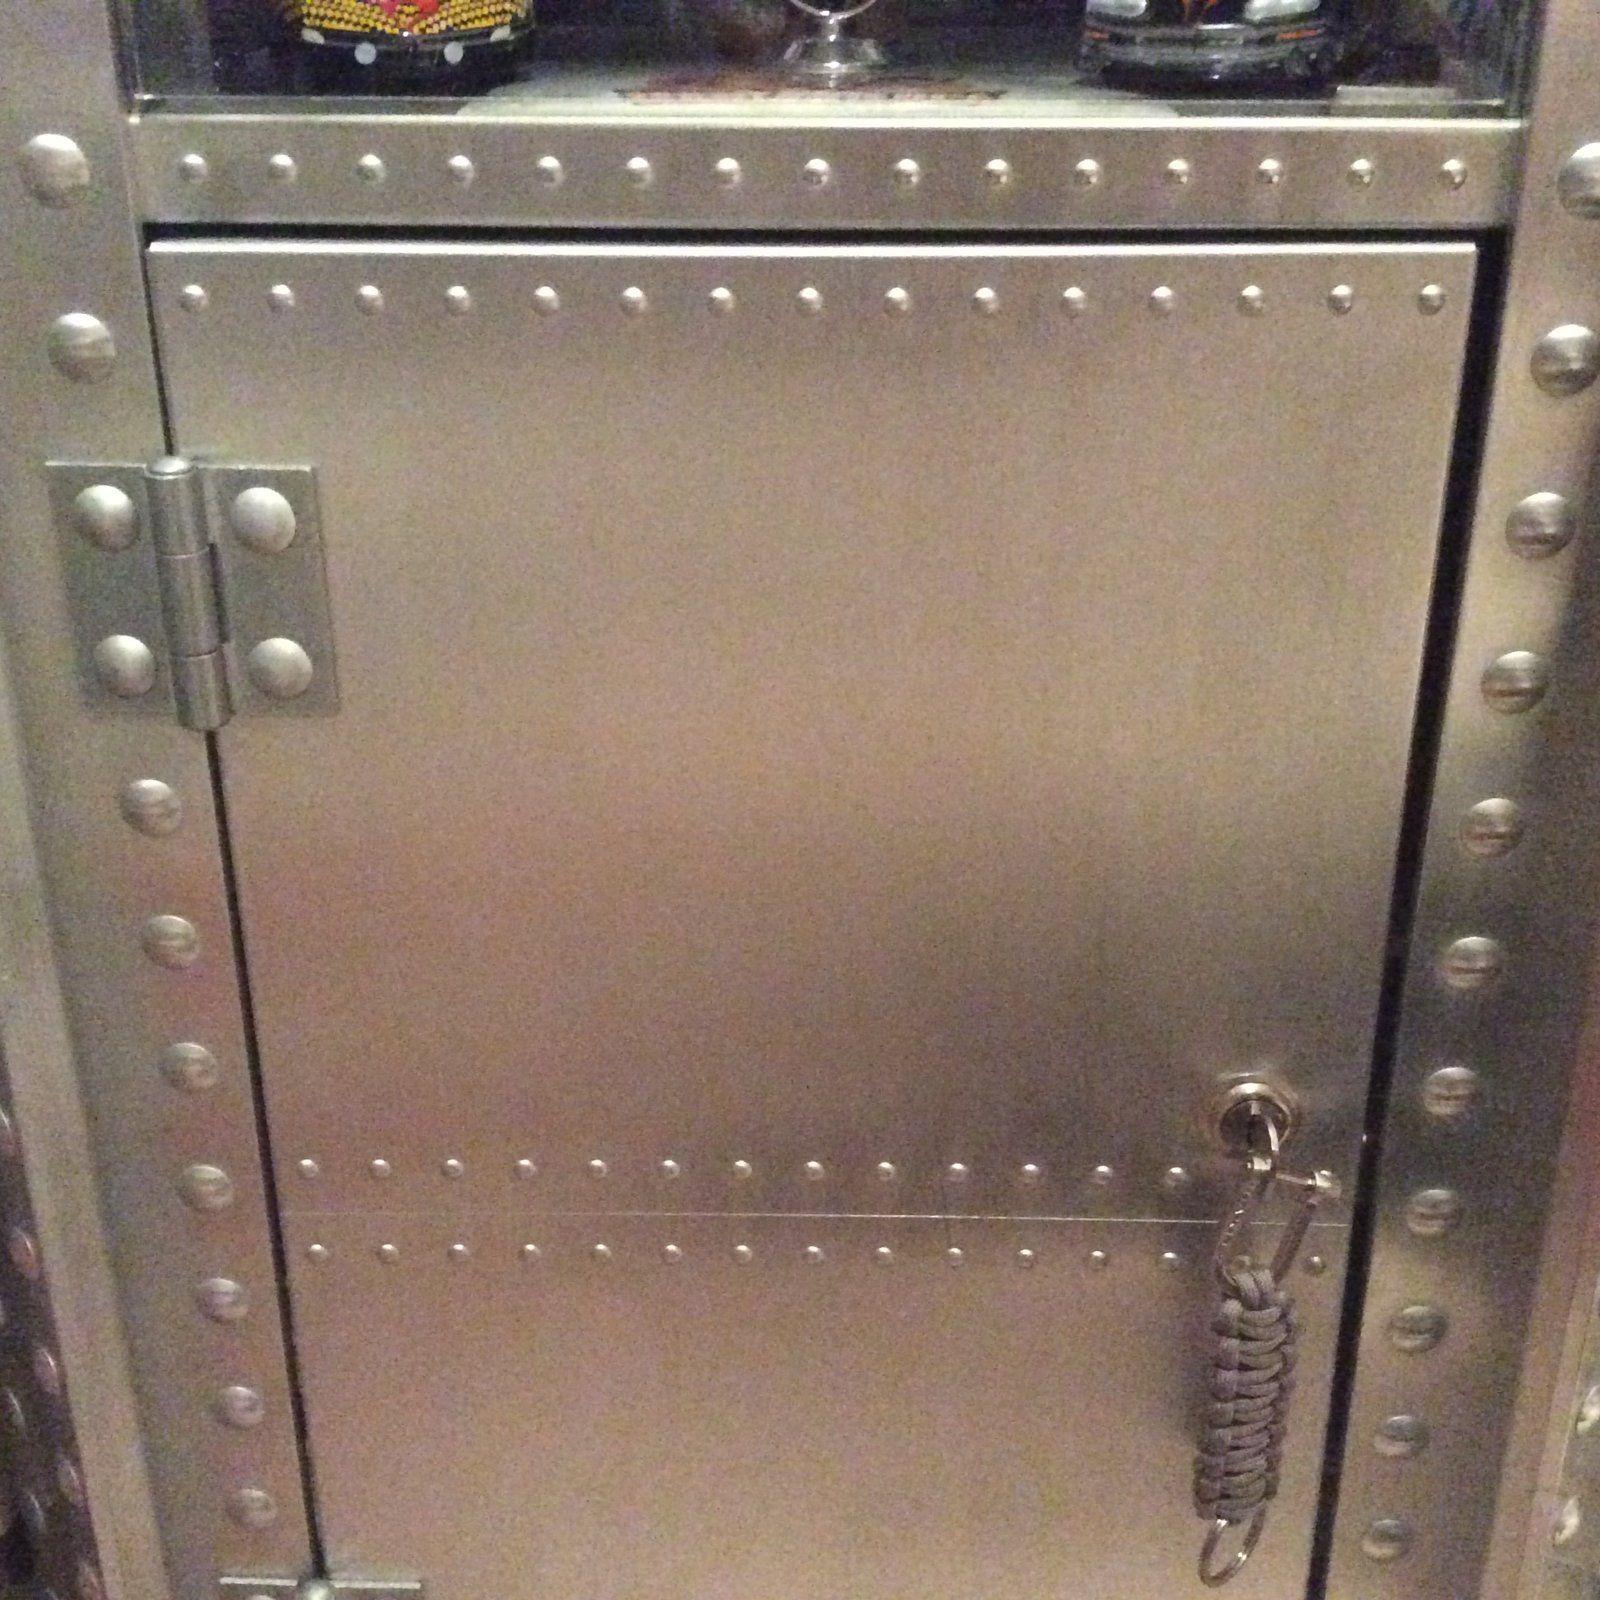 display case parts - IMG_1565.JPG